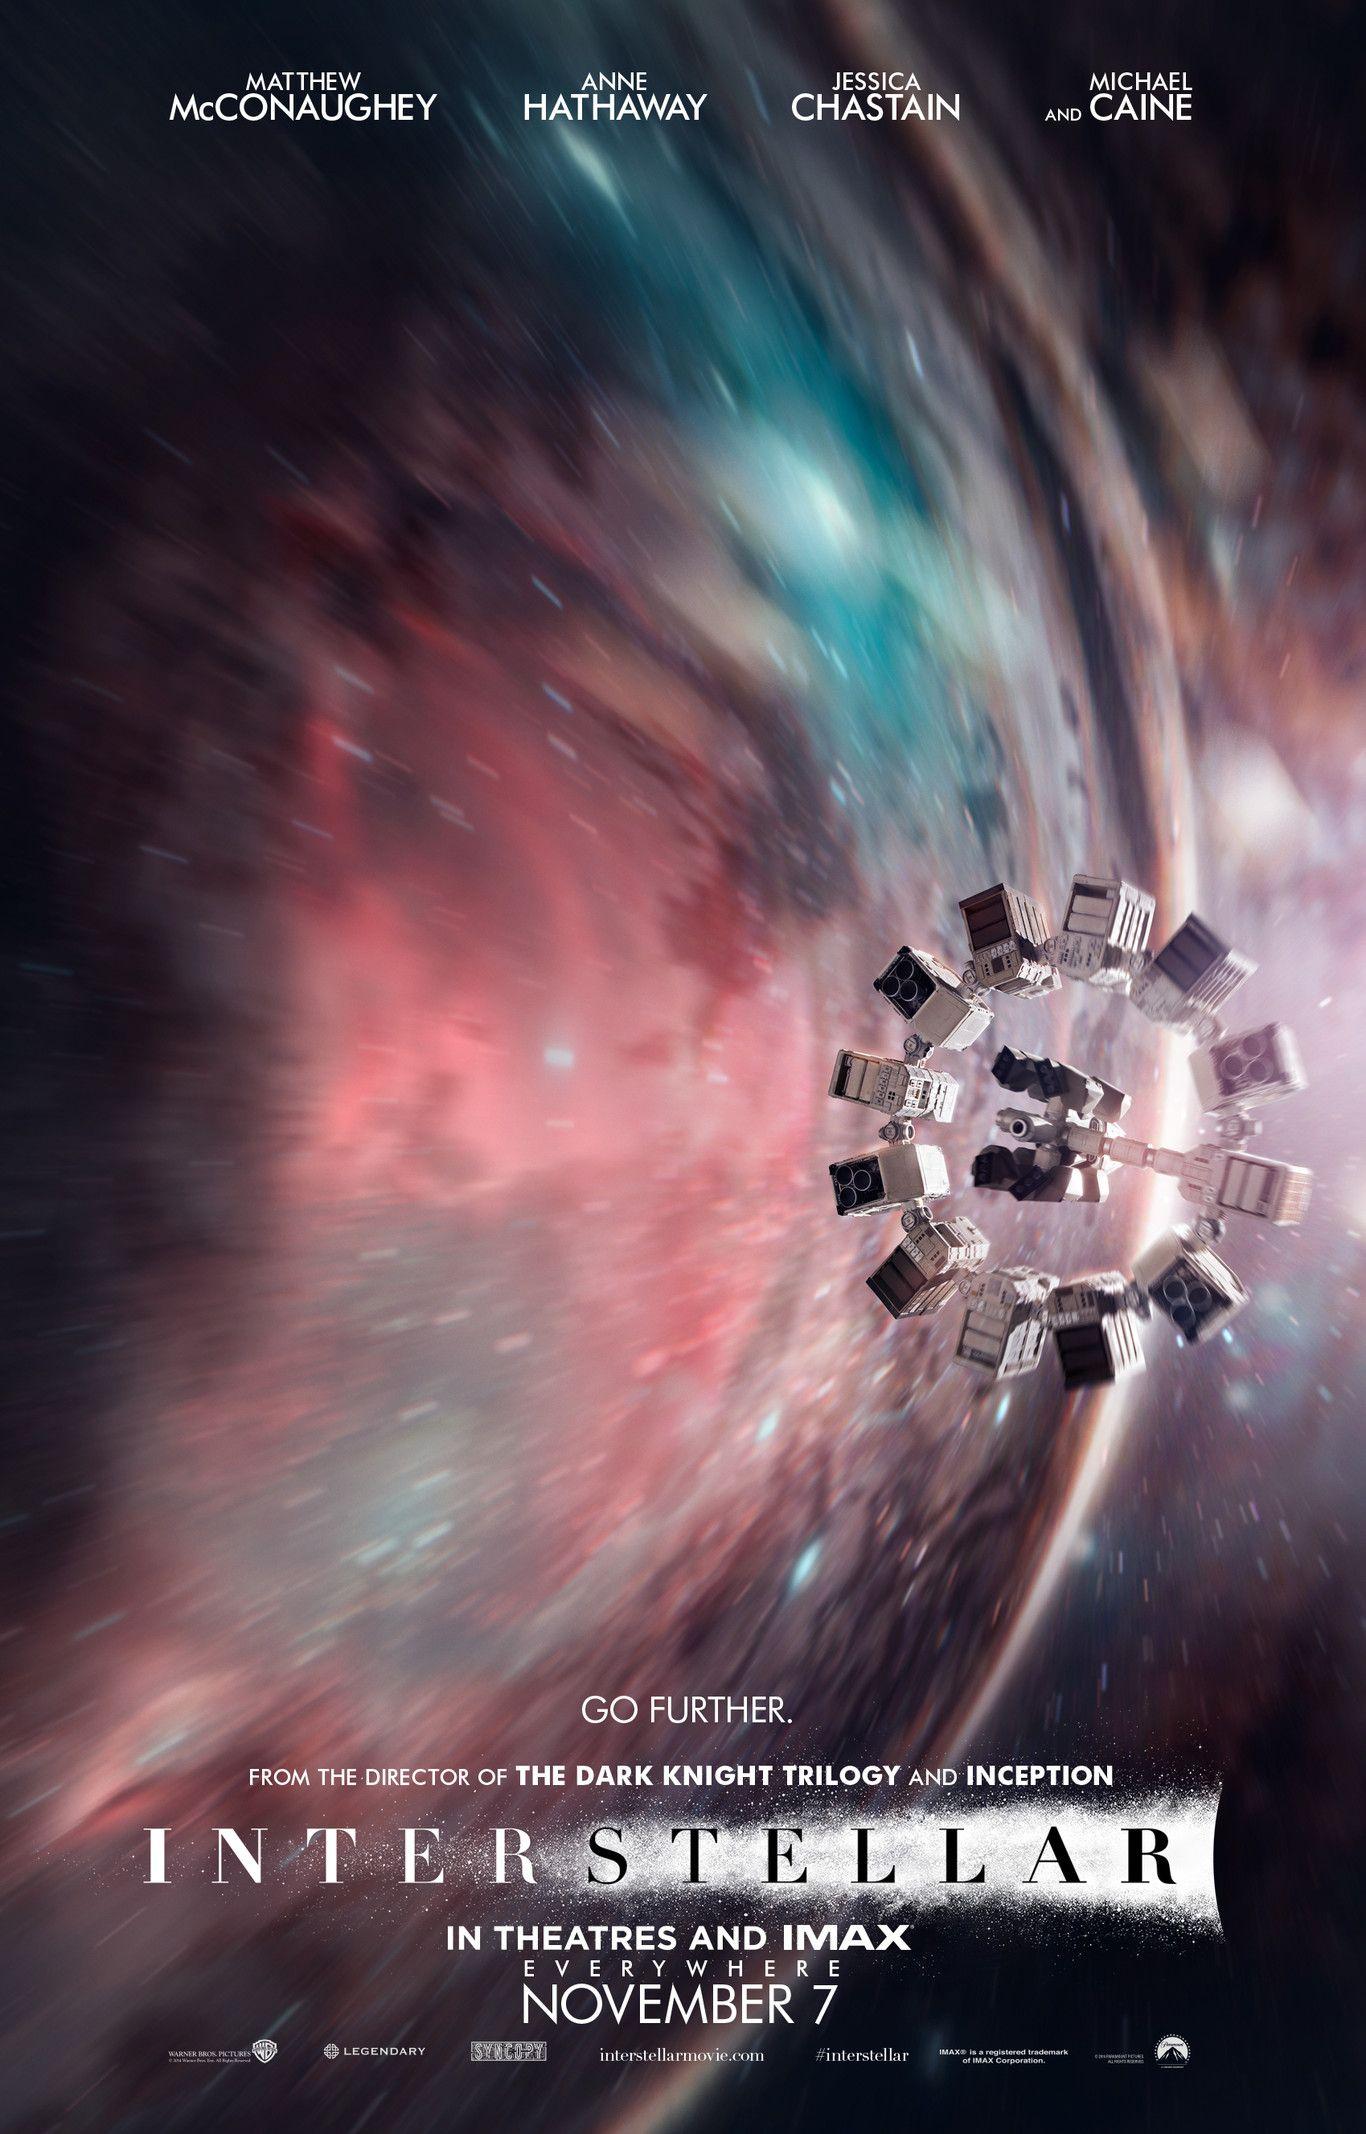 Interstellar Como Parte Del Canon De La Ciencia Ficcion Al Mas Puro Estilo 2001 A Favor Y En Contra Ciencia Ficcion Impresion De Poster Interstellar